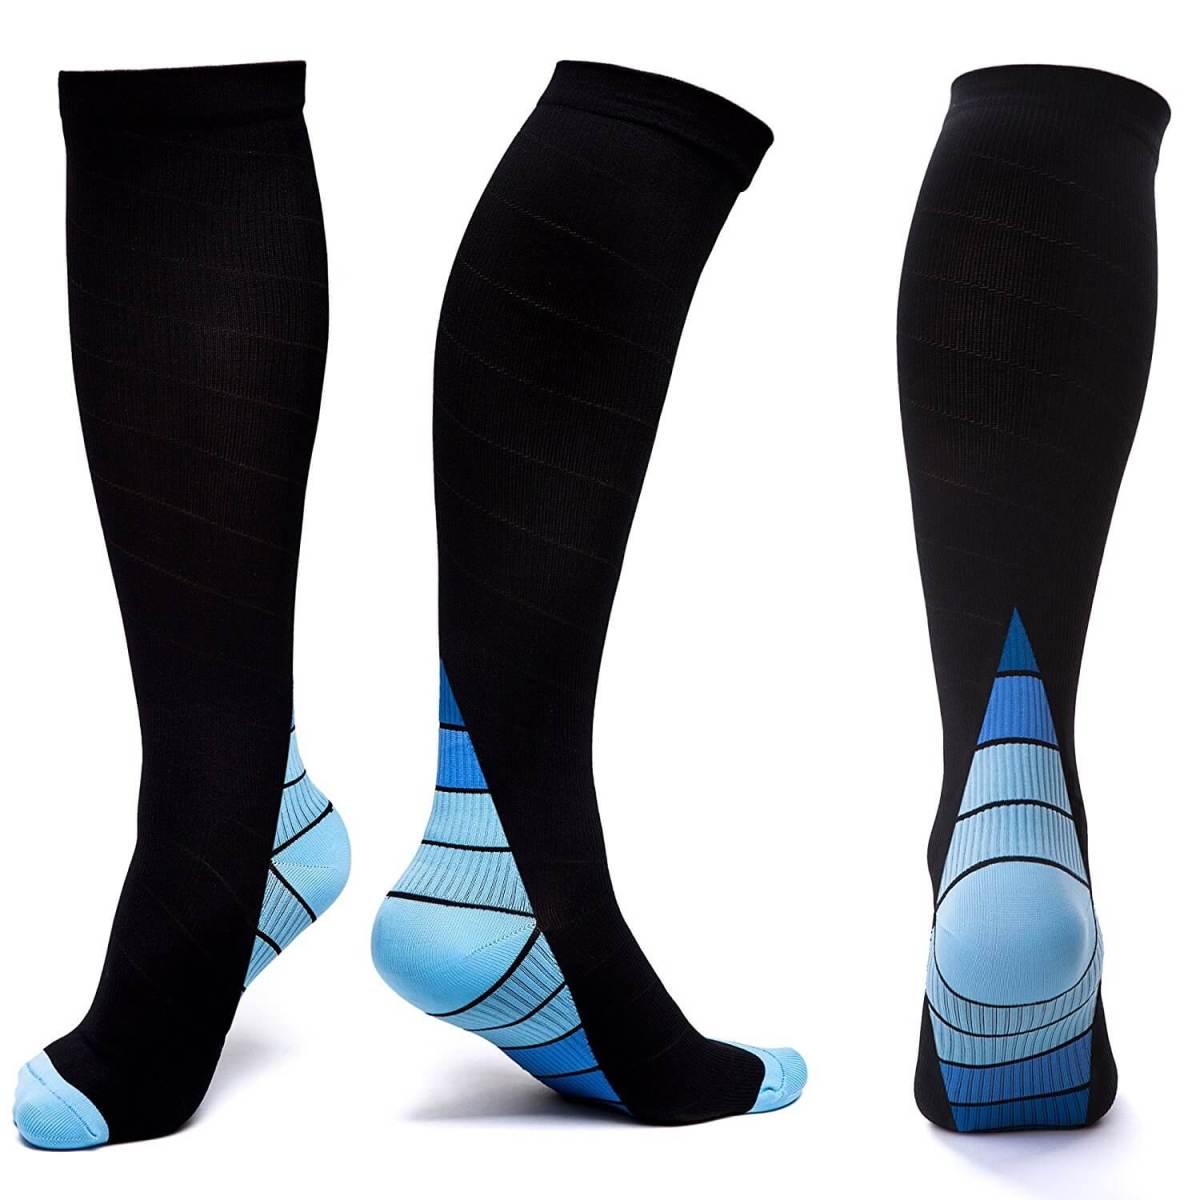 Geschenke für Läufer oder Marathonläufer - originelle und witzige Geschenke und Geschenkideen Jogger Socken